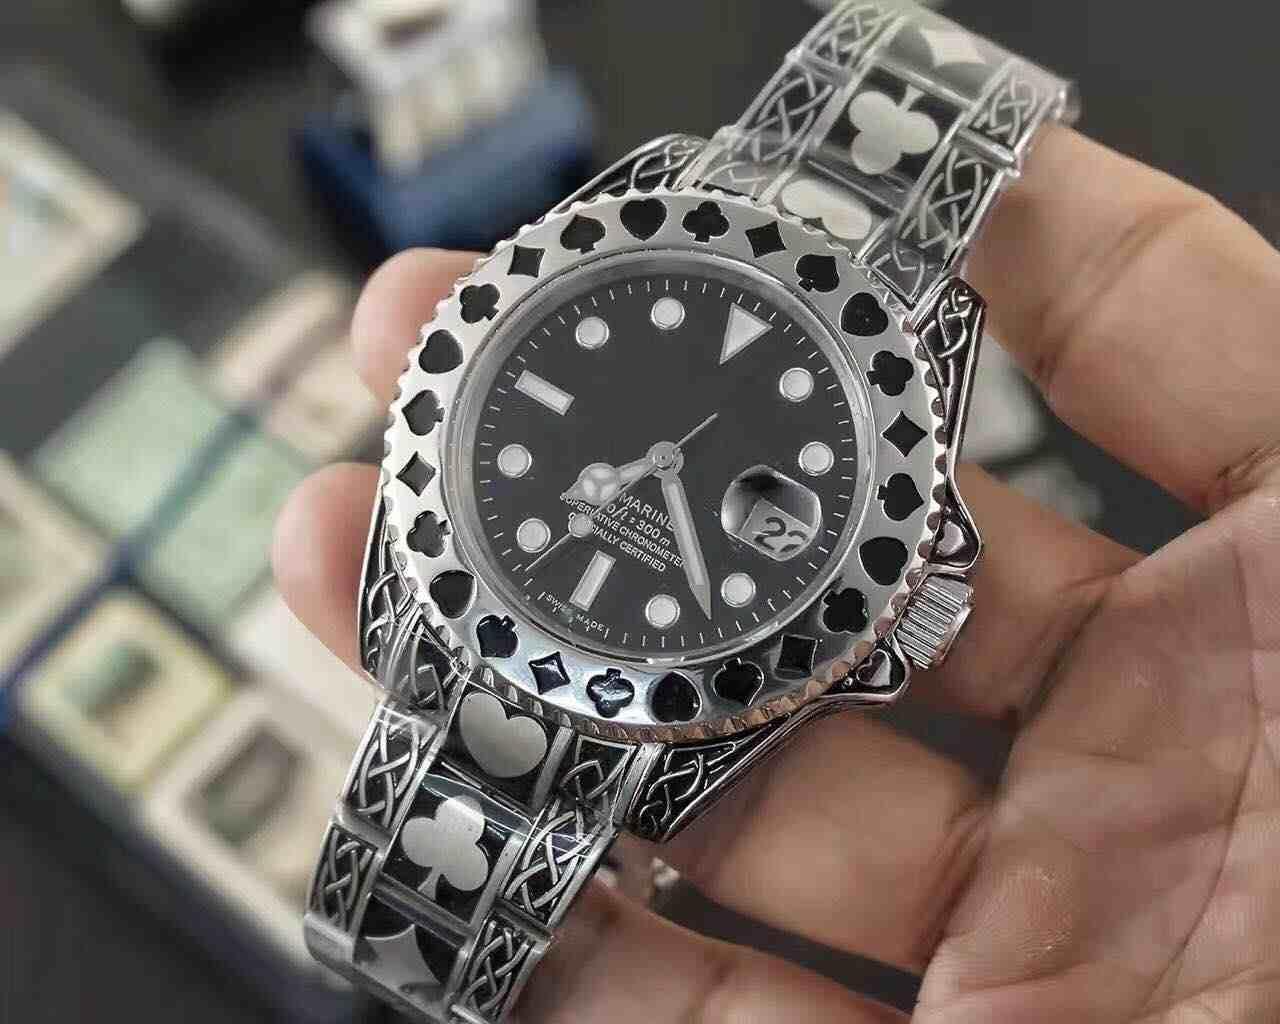 40MM nuovi uomini di polso orologio poker sport top per il tempo libero semplice impermeabile ultra-sottile orologio maschile maschio in acciaio inox personalità automatica m